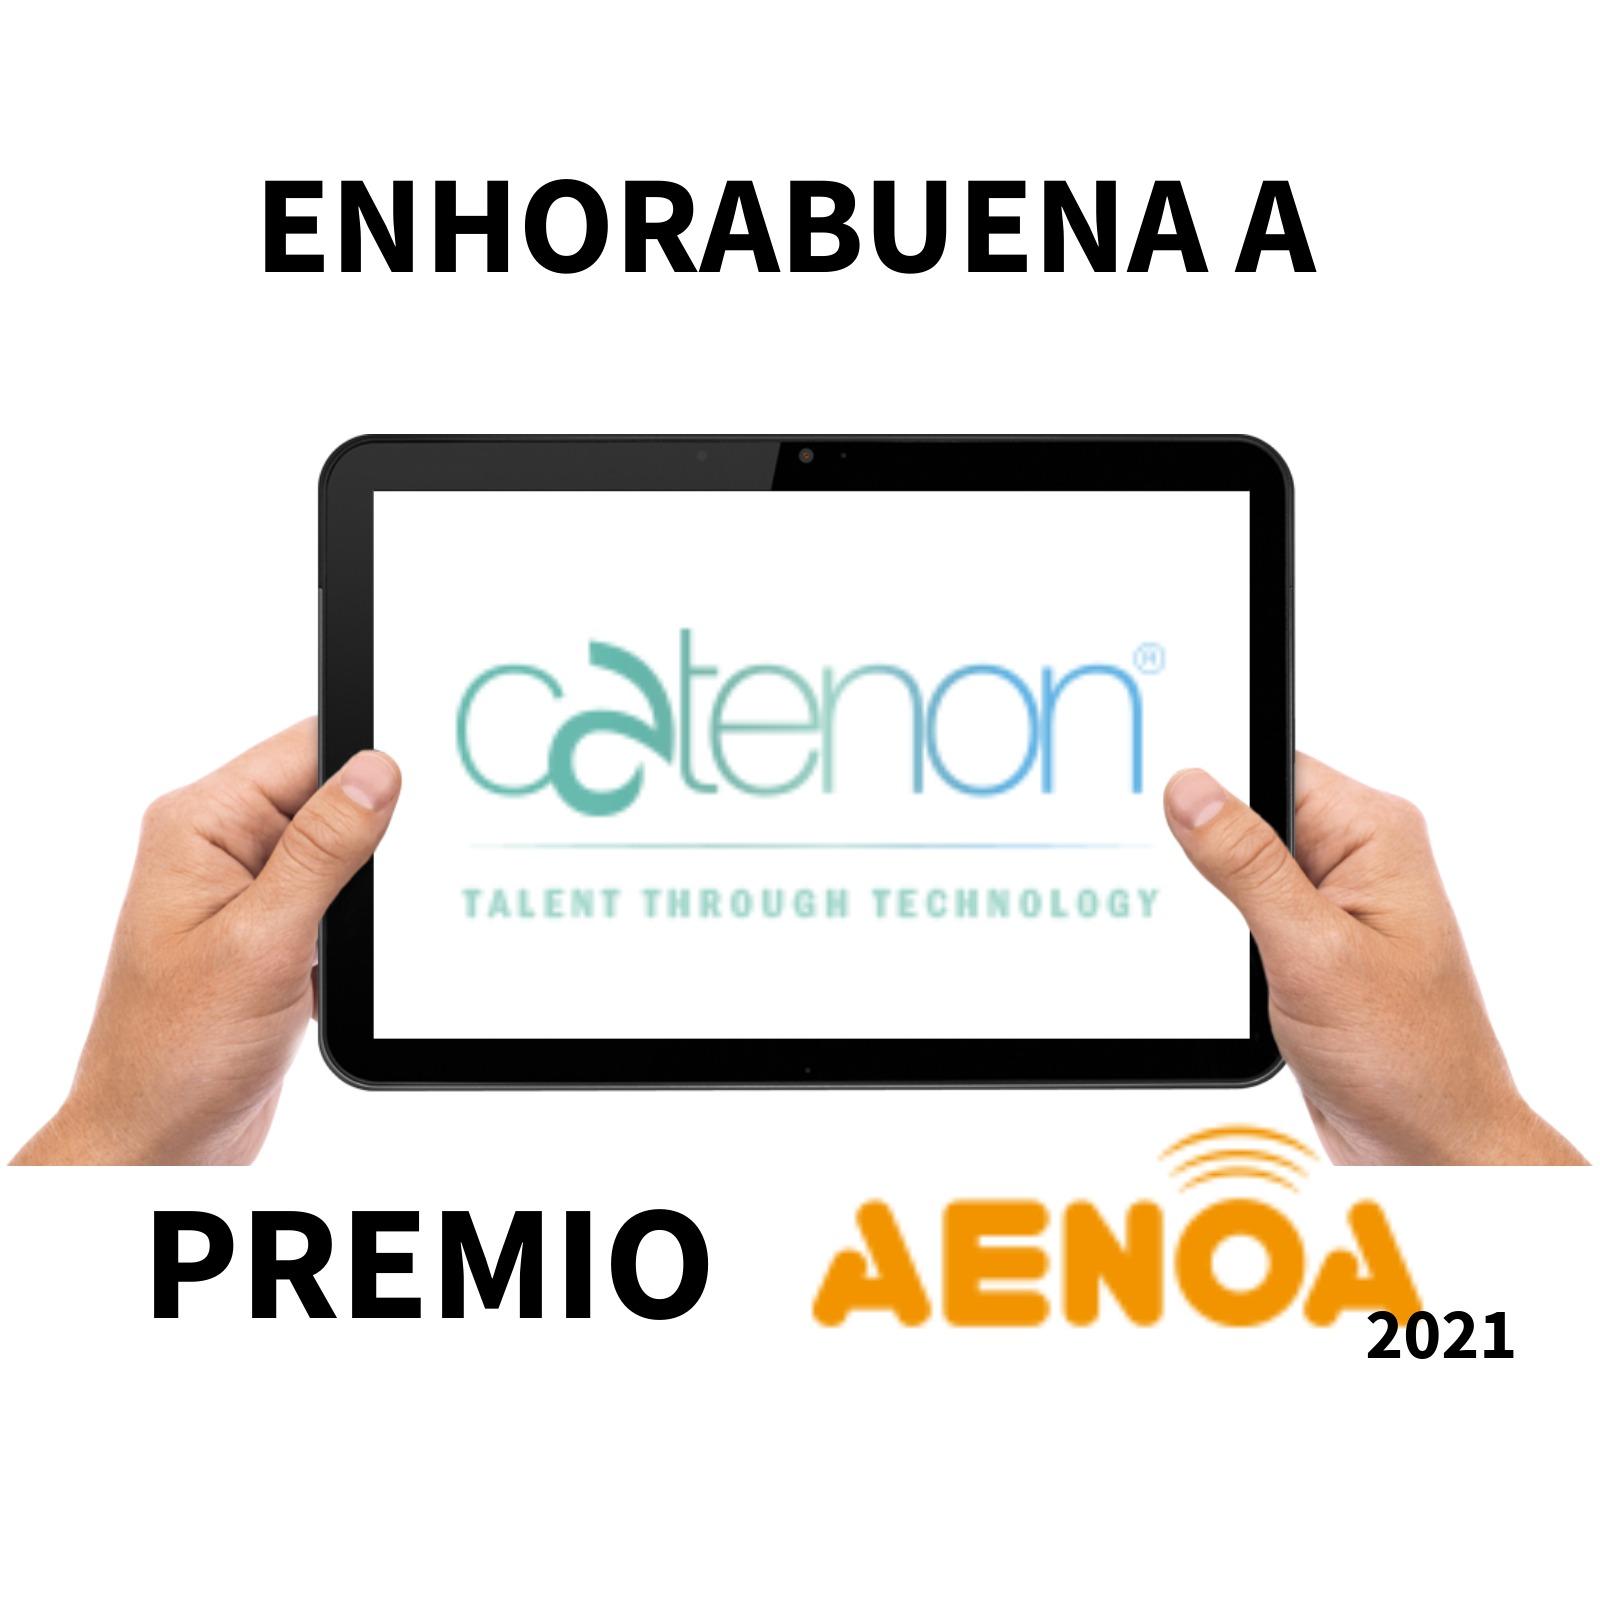 premio aenoa catenon